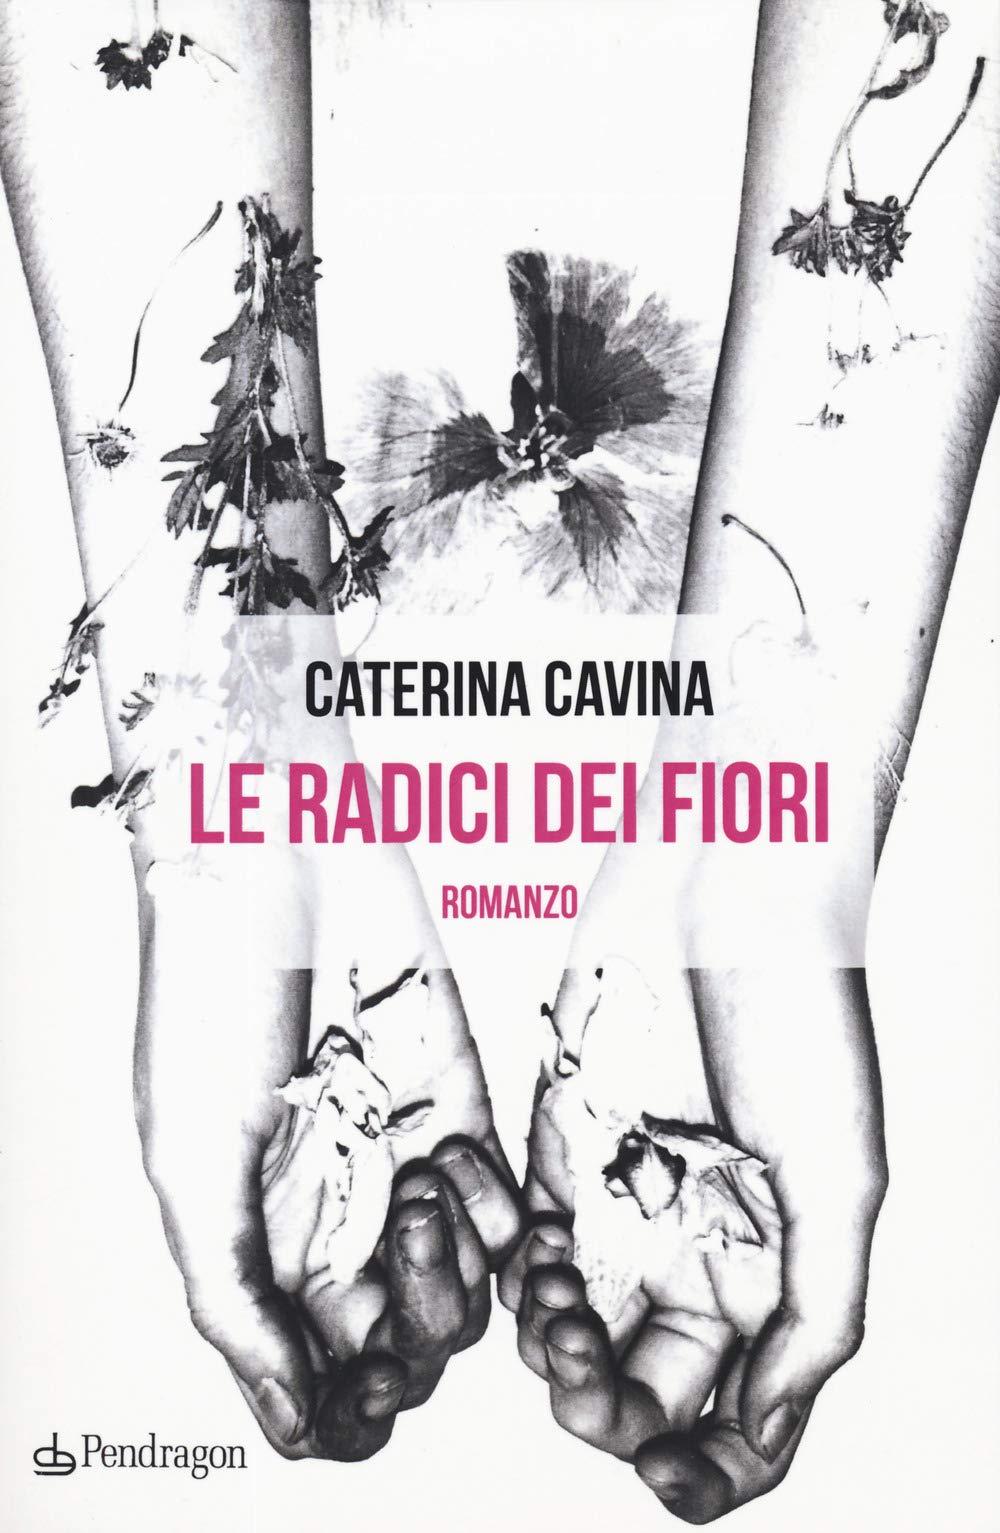 Amazon.it: Le radici dei fiori - Cavina, Caterina - Libri